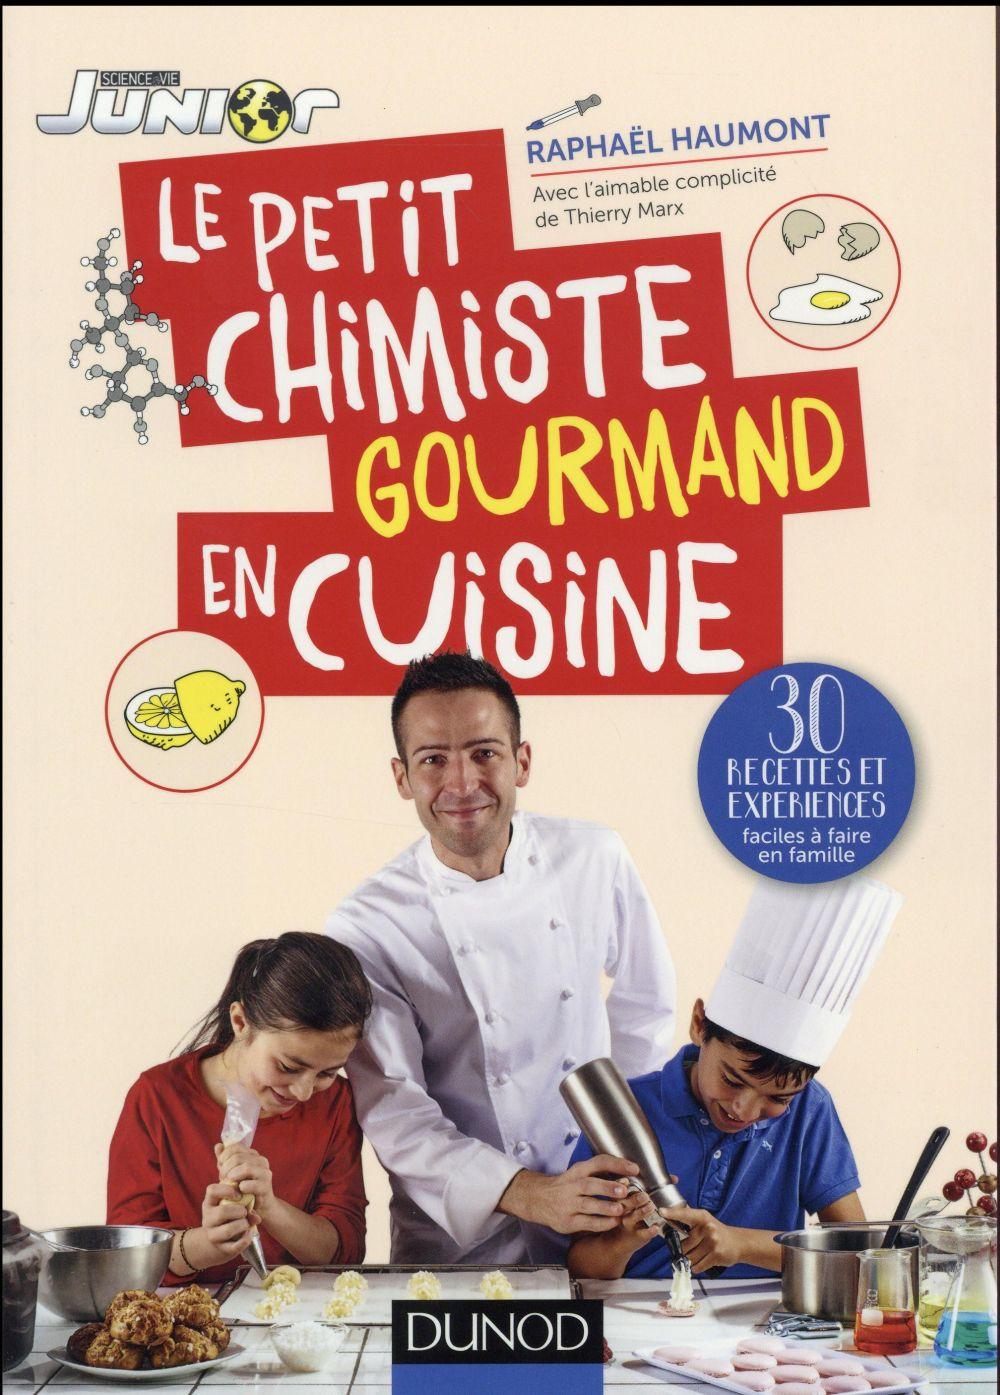 Le petit chimiste gourmand en cuisine ; 30 recettes et expériences à faire en famille